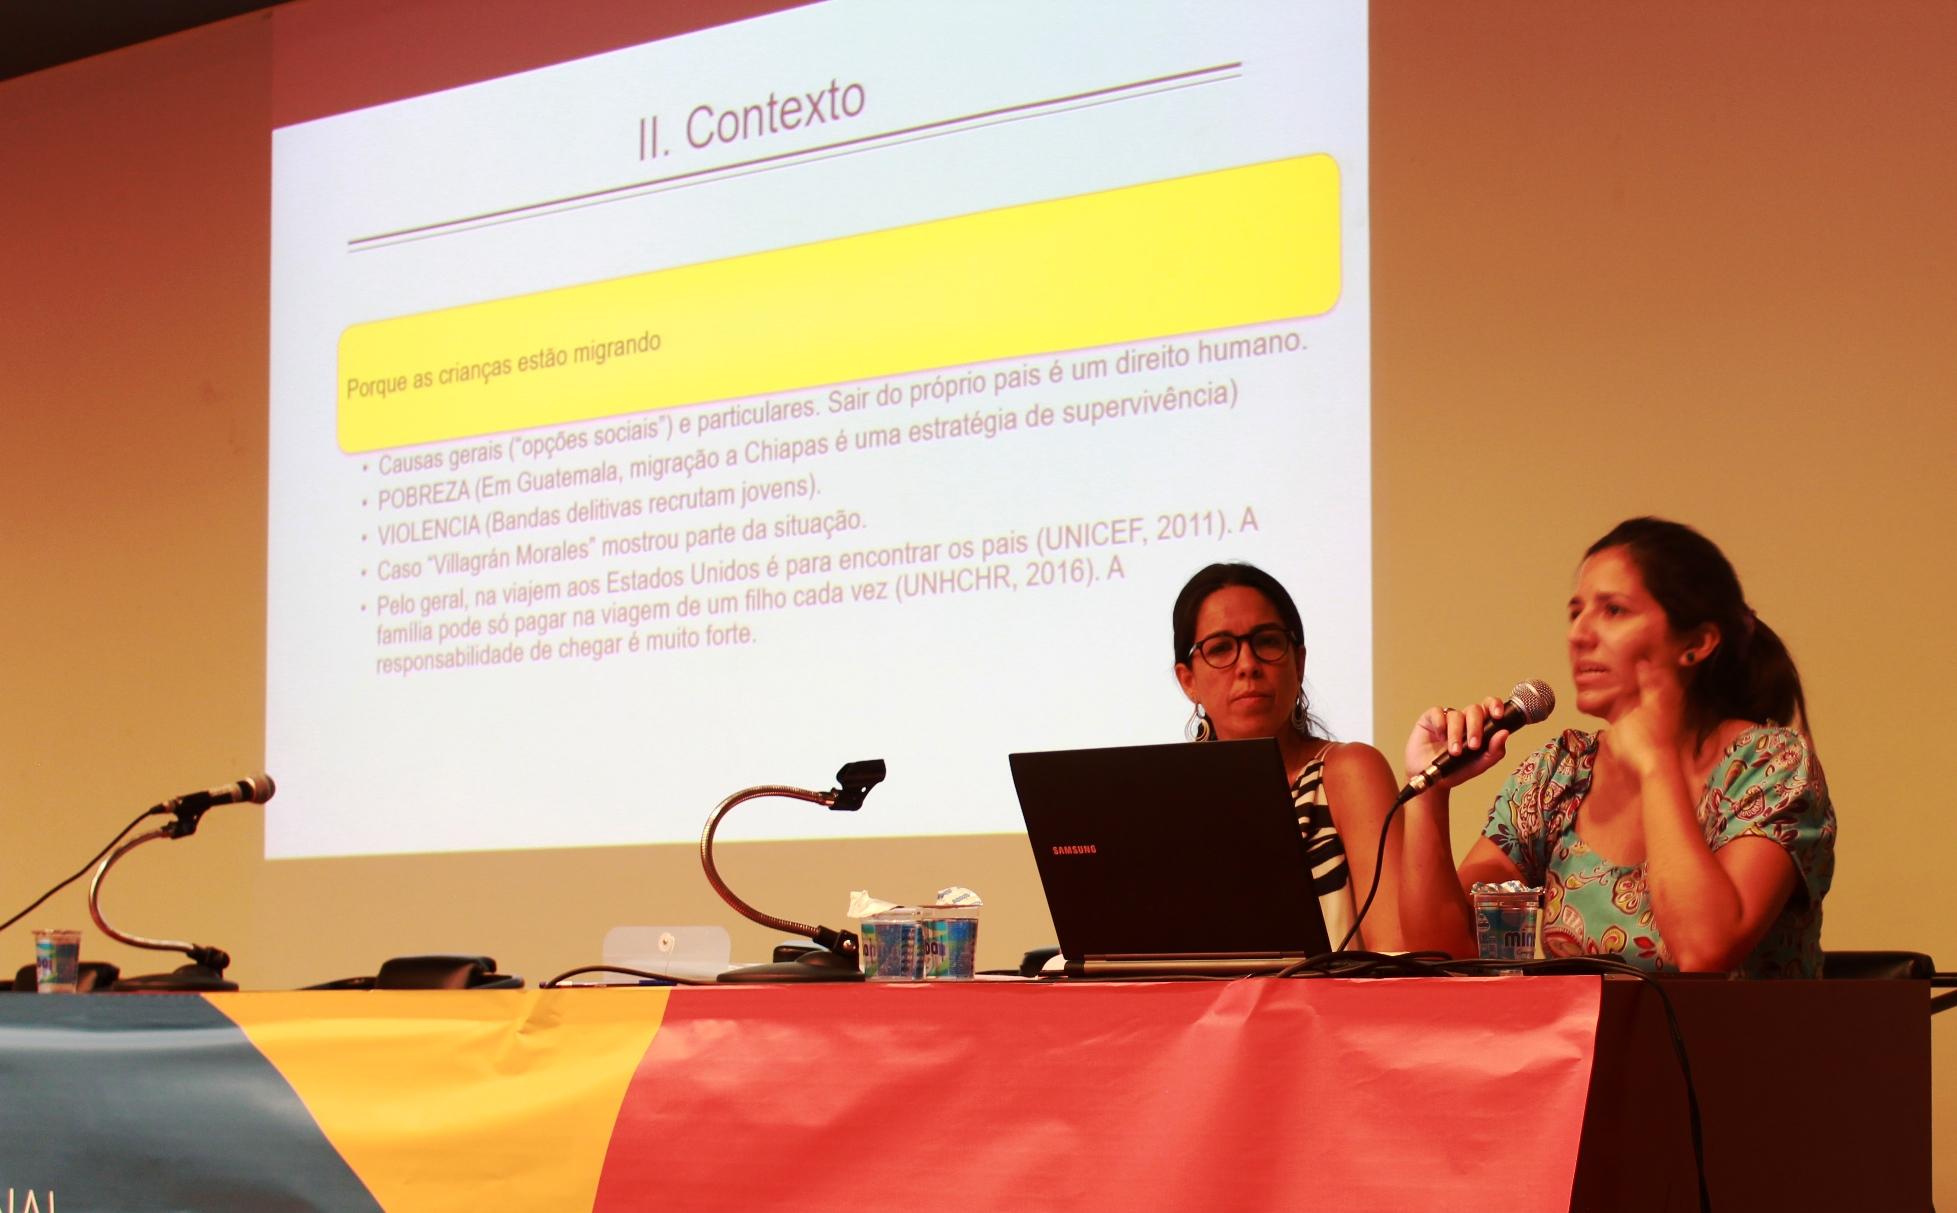 A fuga da miséria e da violência é a principal causa para migração de crianças, como expôs a pesquisadora lila Garcia